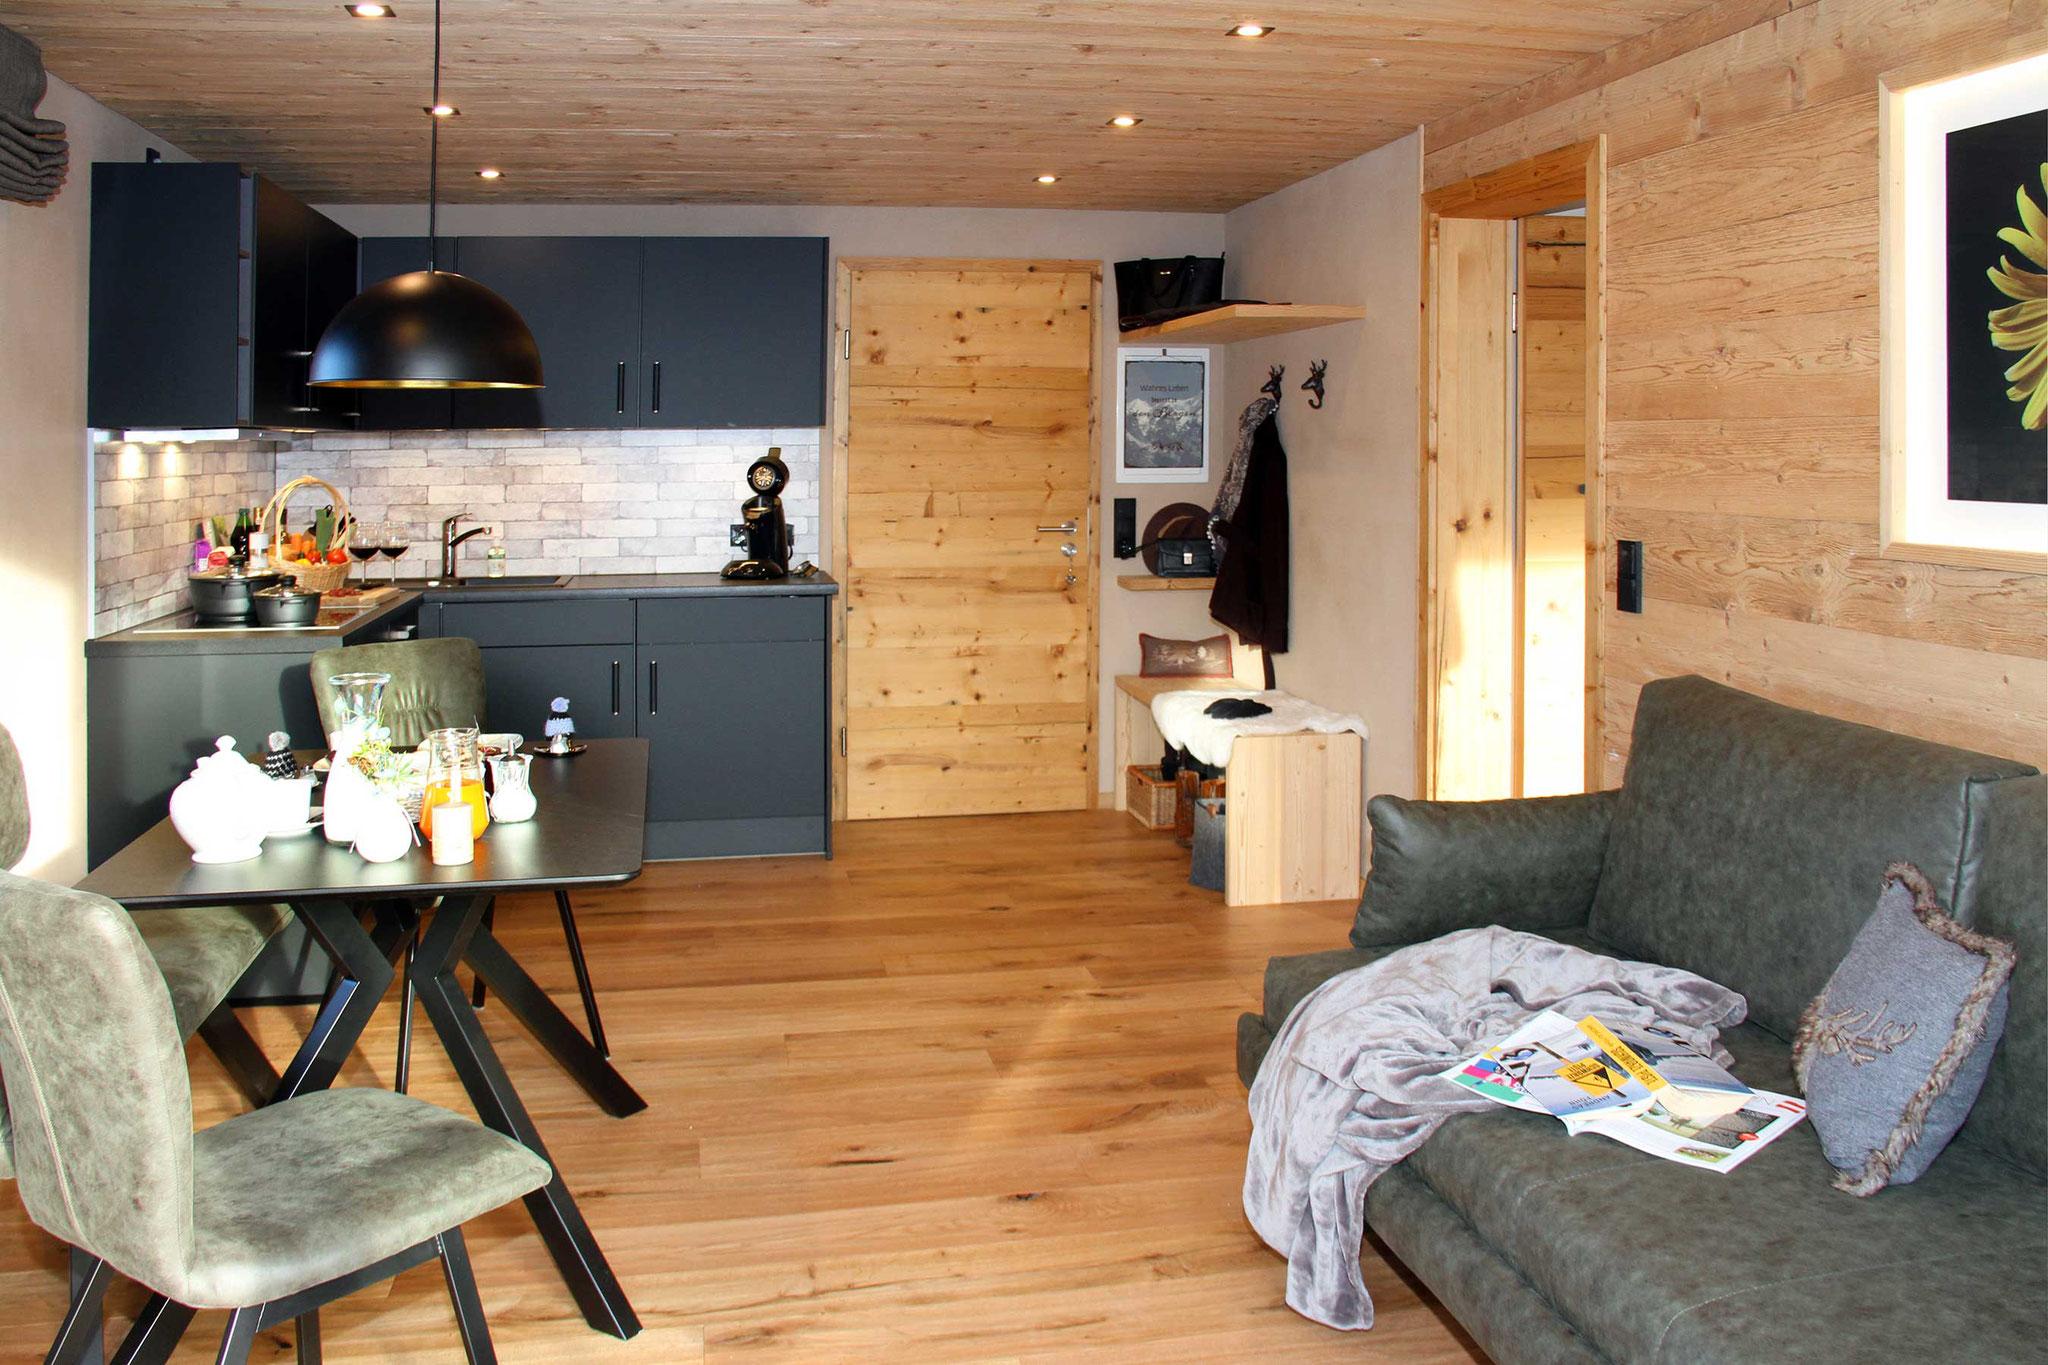 exklusive Ferienwohnung, Wiesengrund, Kleinwalsertal, Gamswurz, Wohnküche